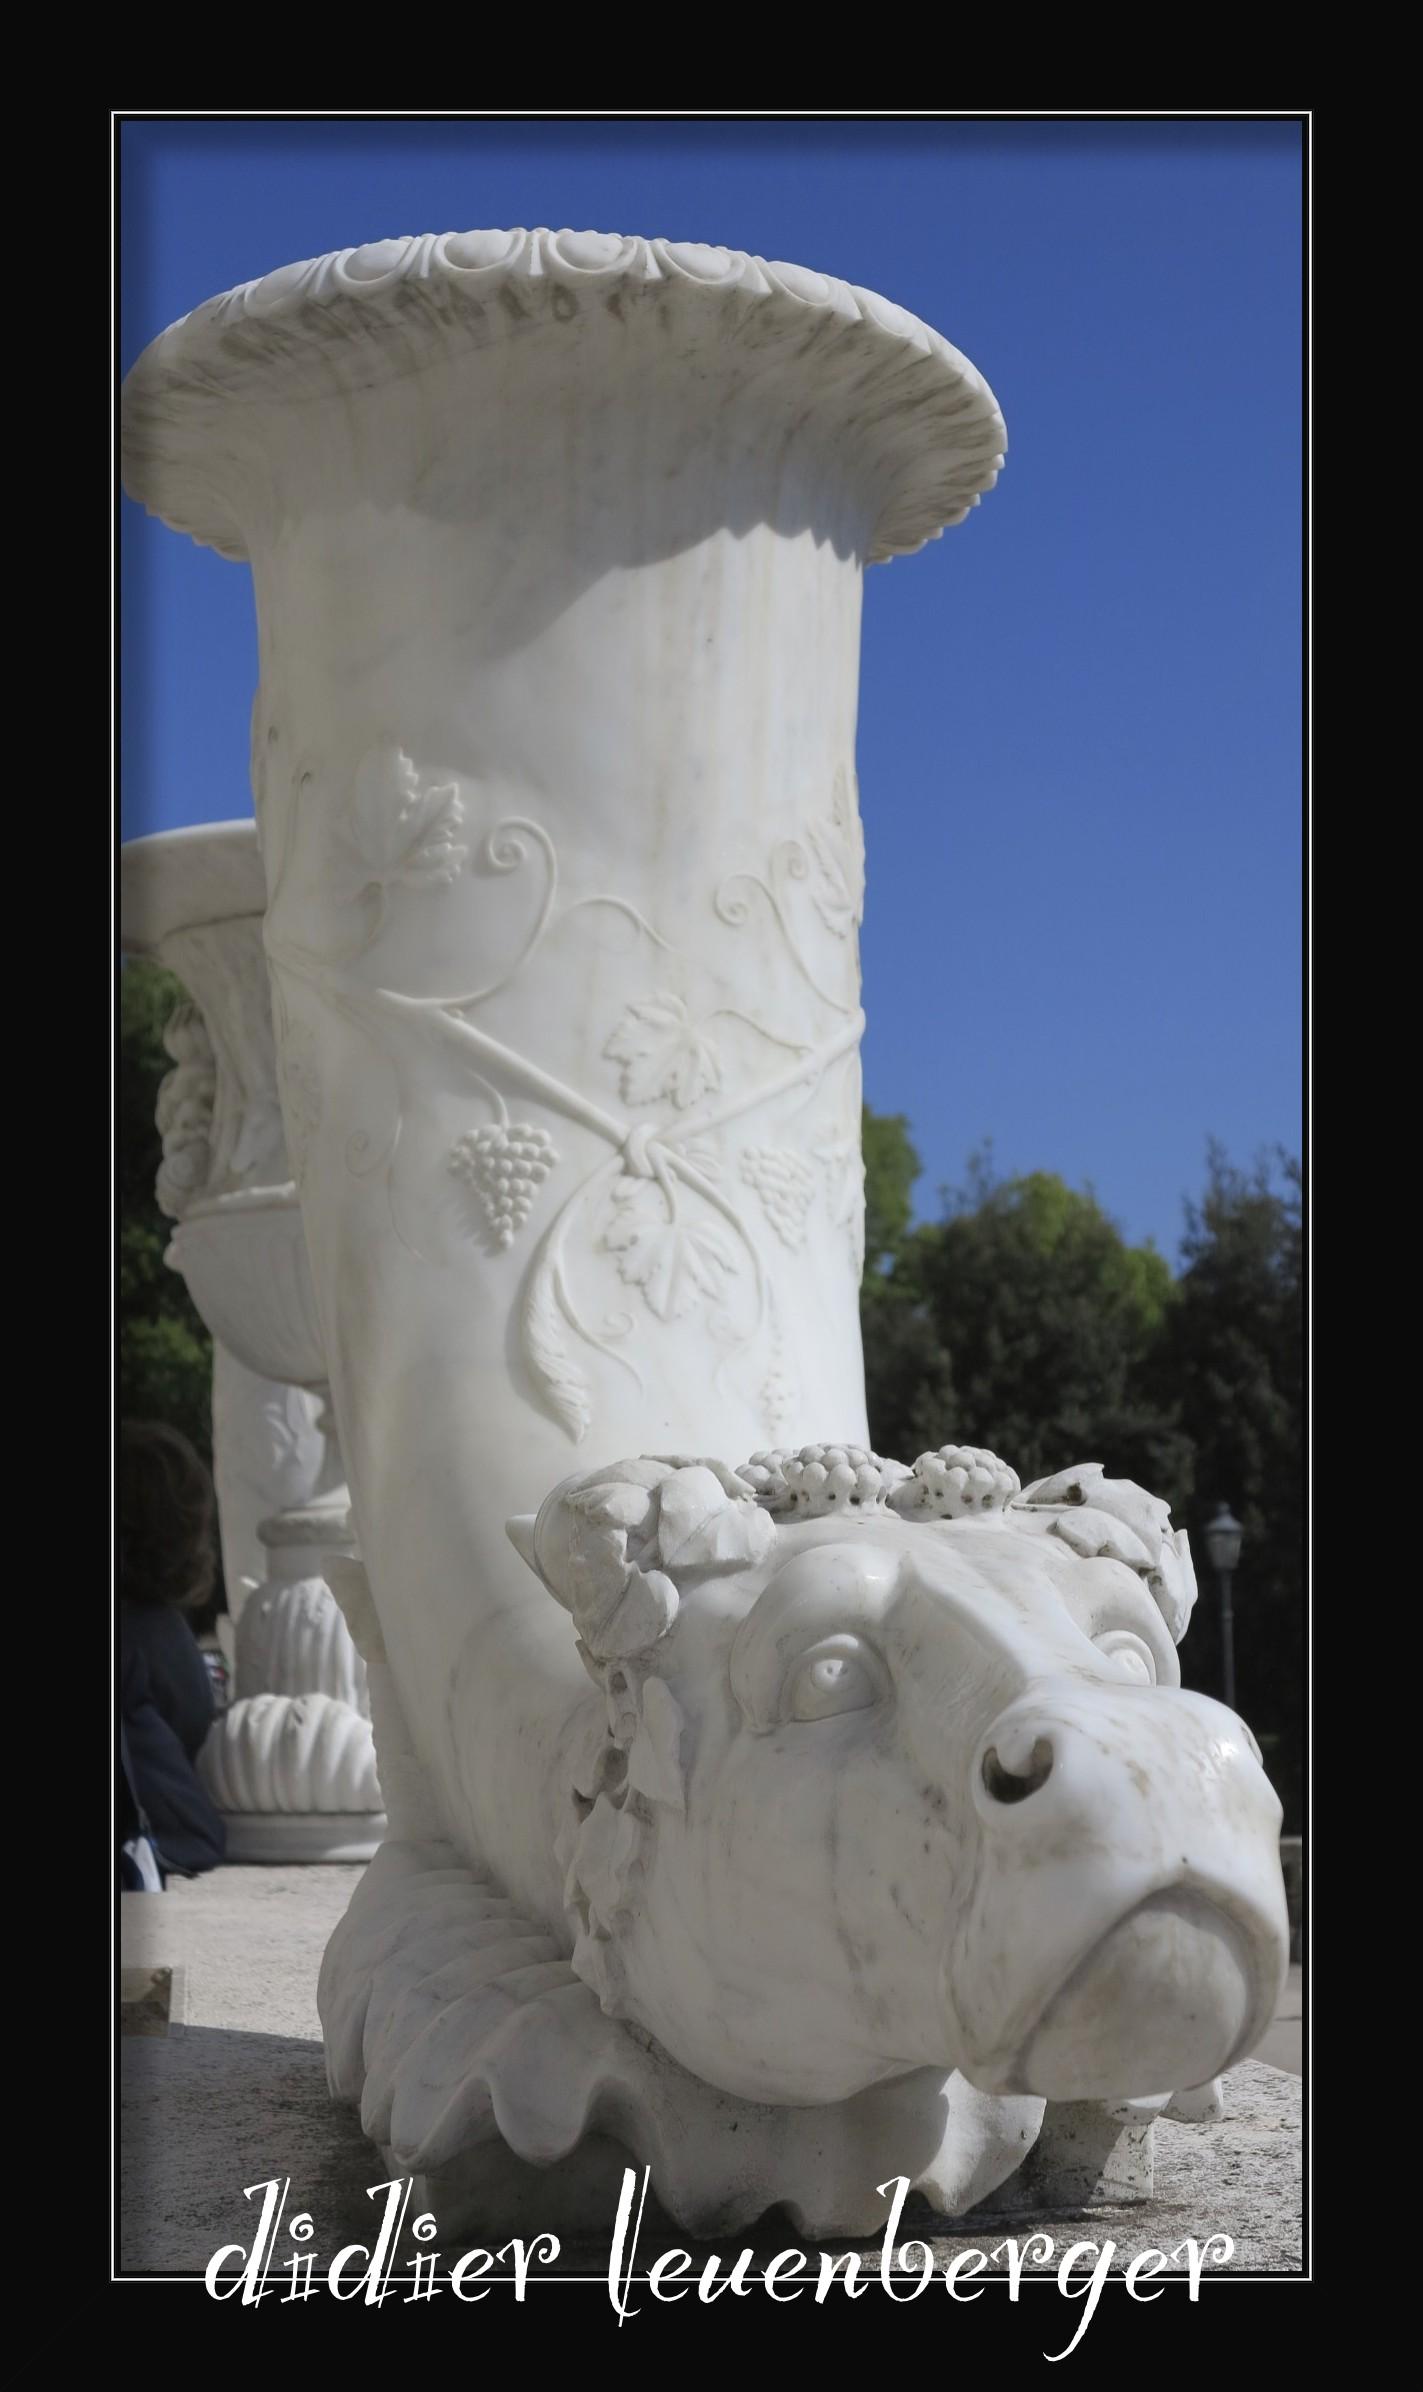 ITALIE ROME G1X AVRIL 2014 1143.jpg